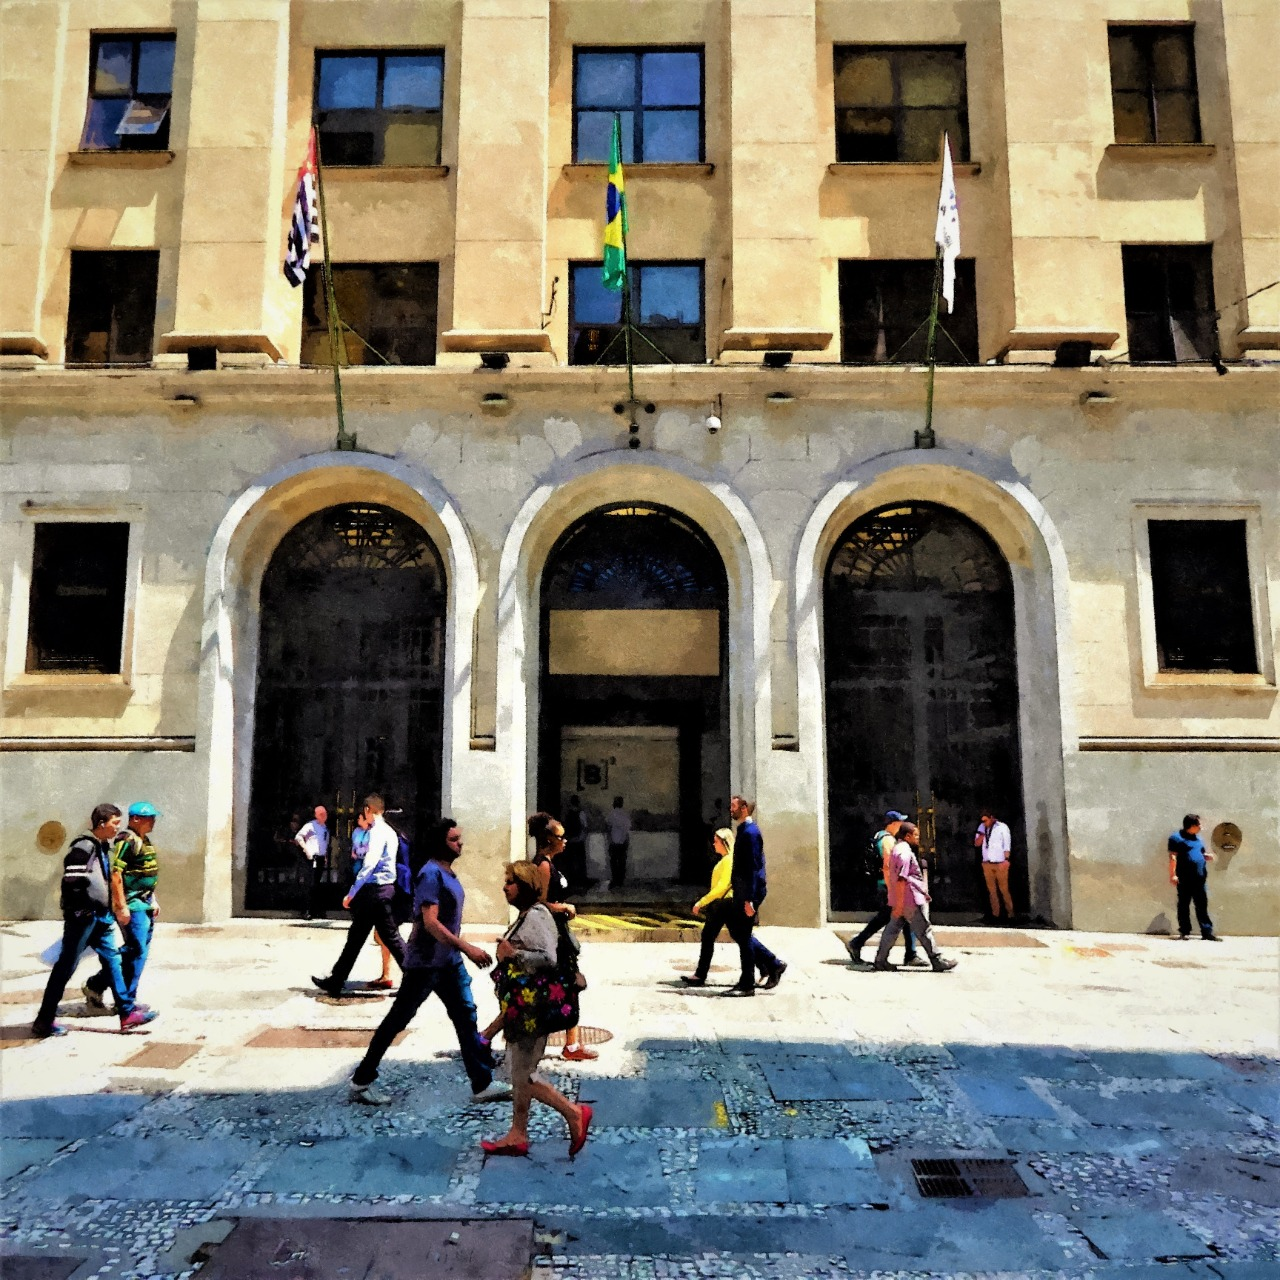 A Bolsa reúne gente com dinheiro suado e produtivo